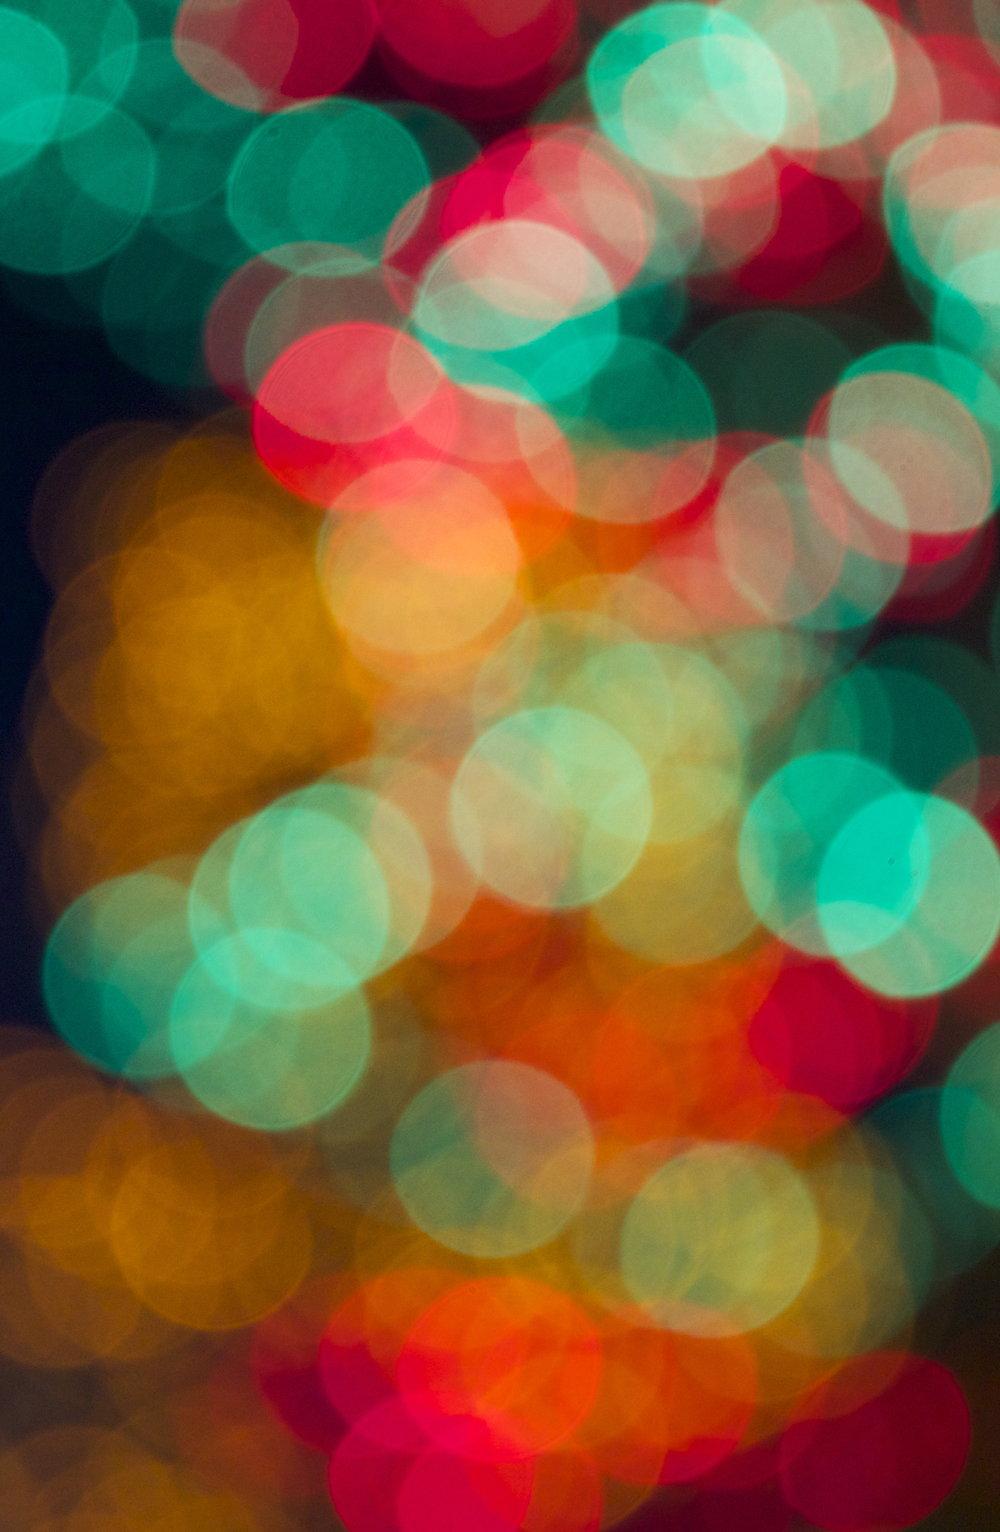 whistler-lights3.jpg